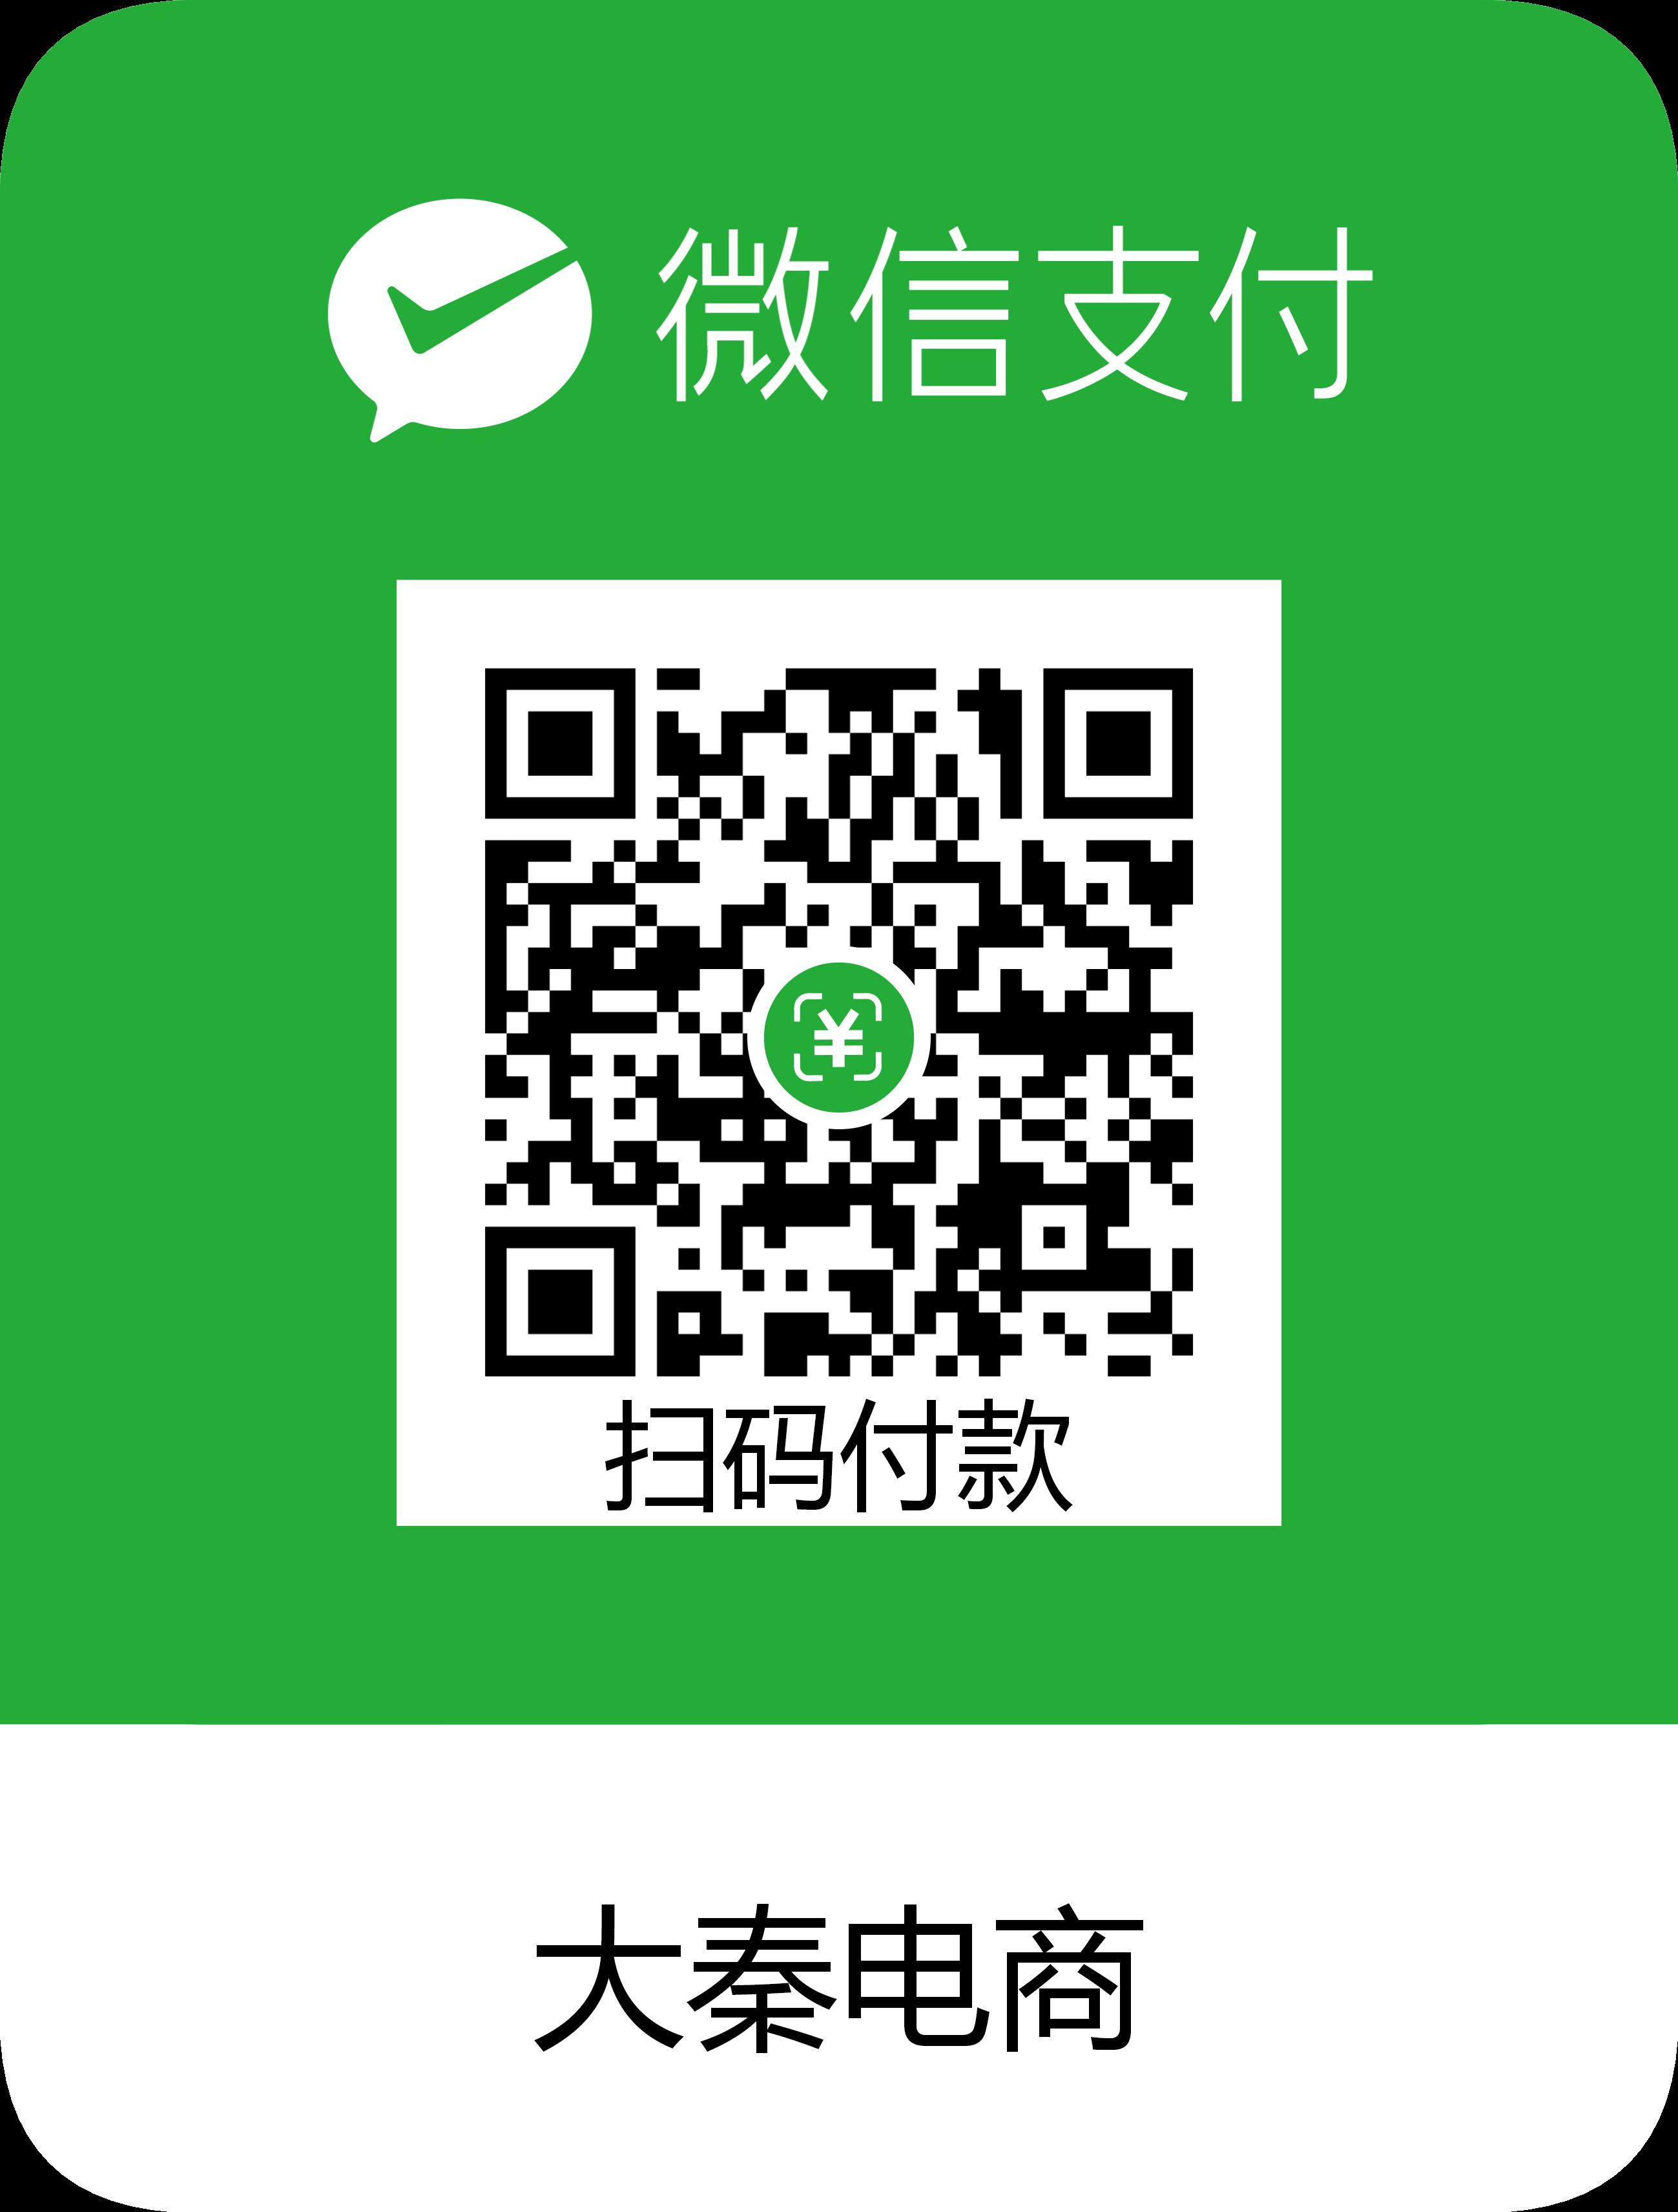 【子恒说公众号48】-【微信买单4】-客户买单